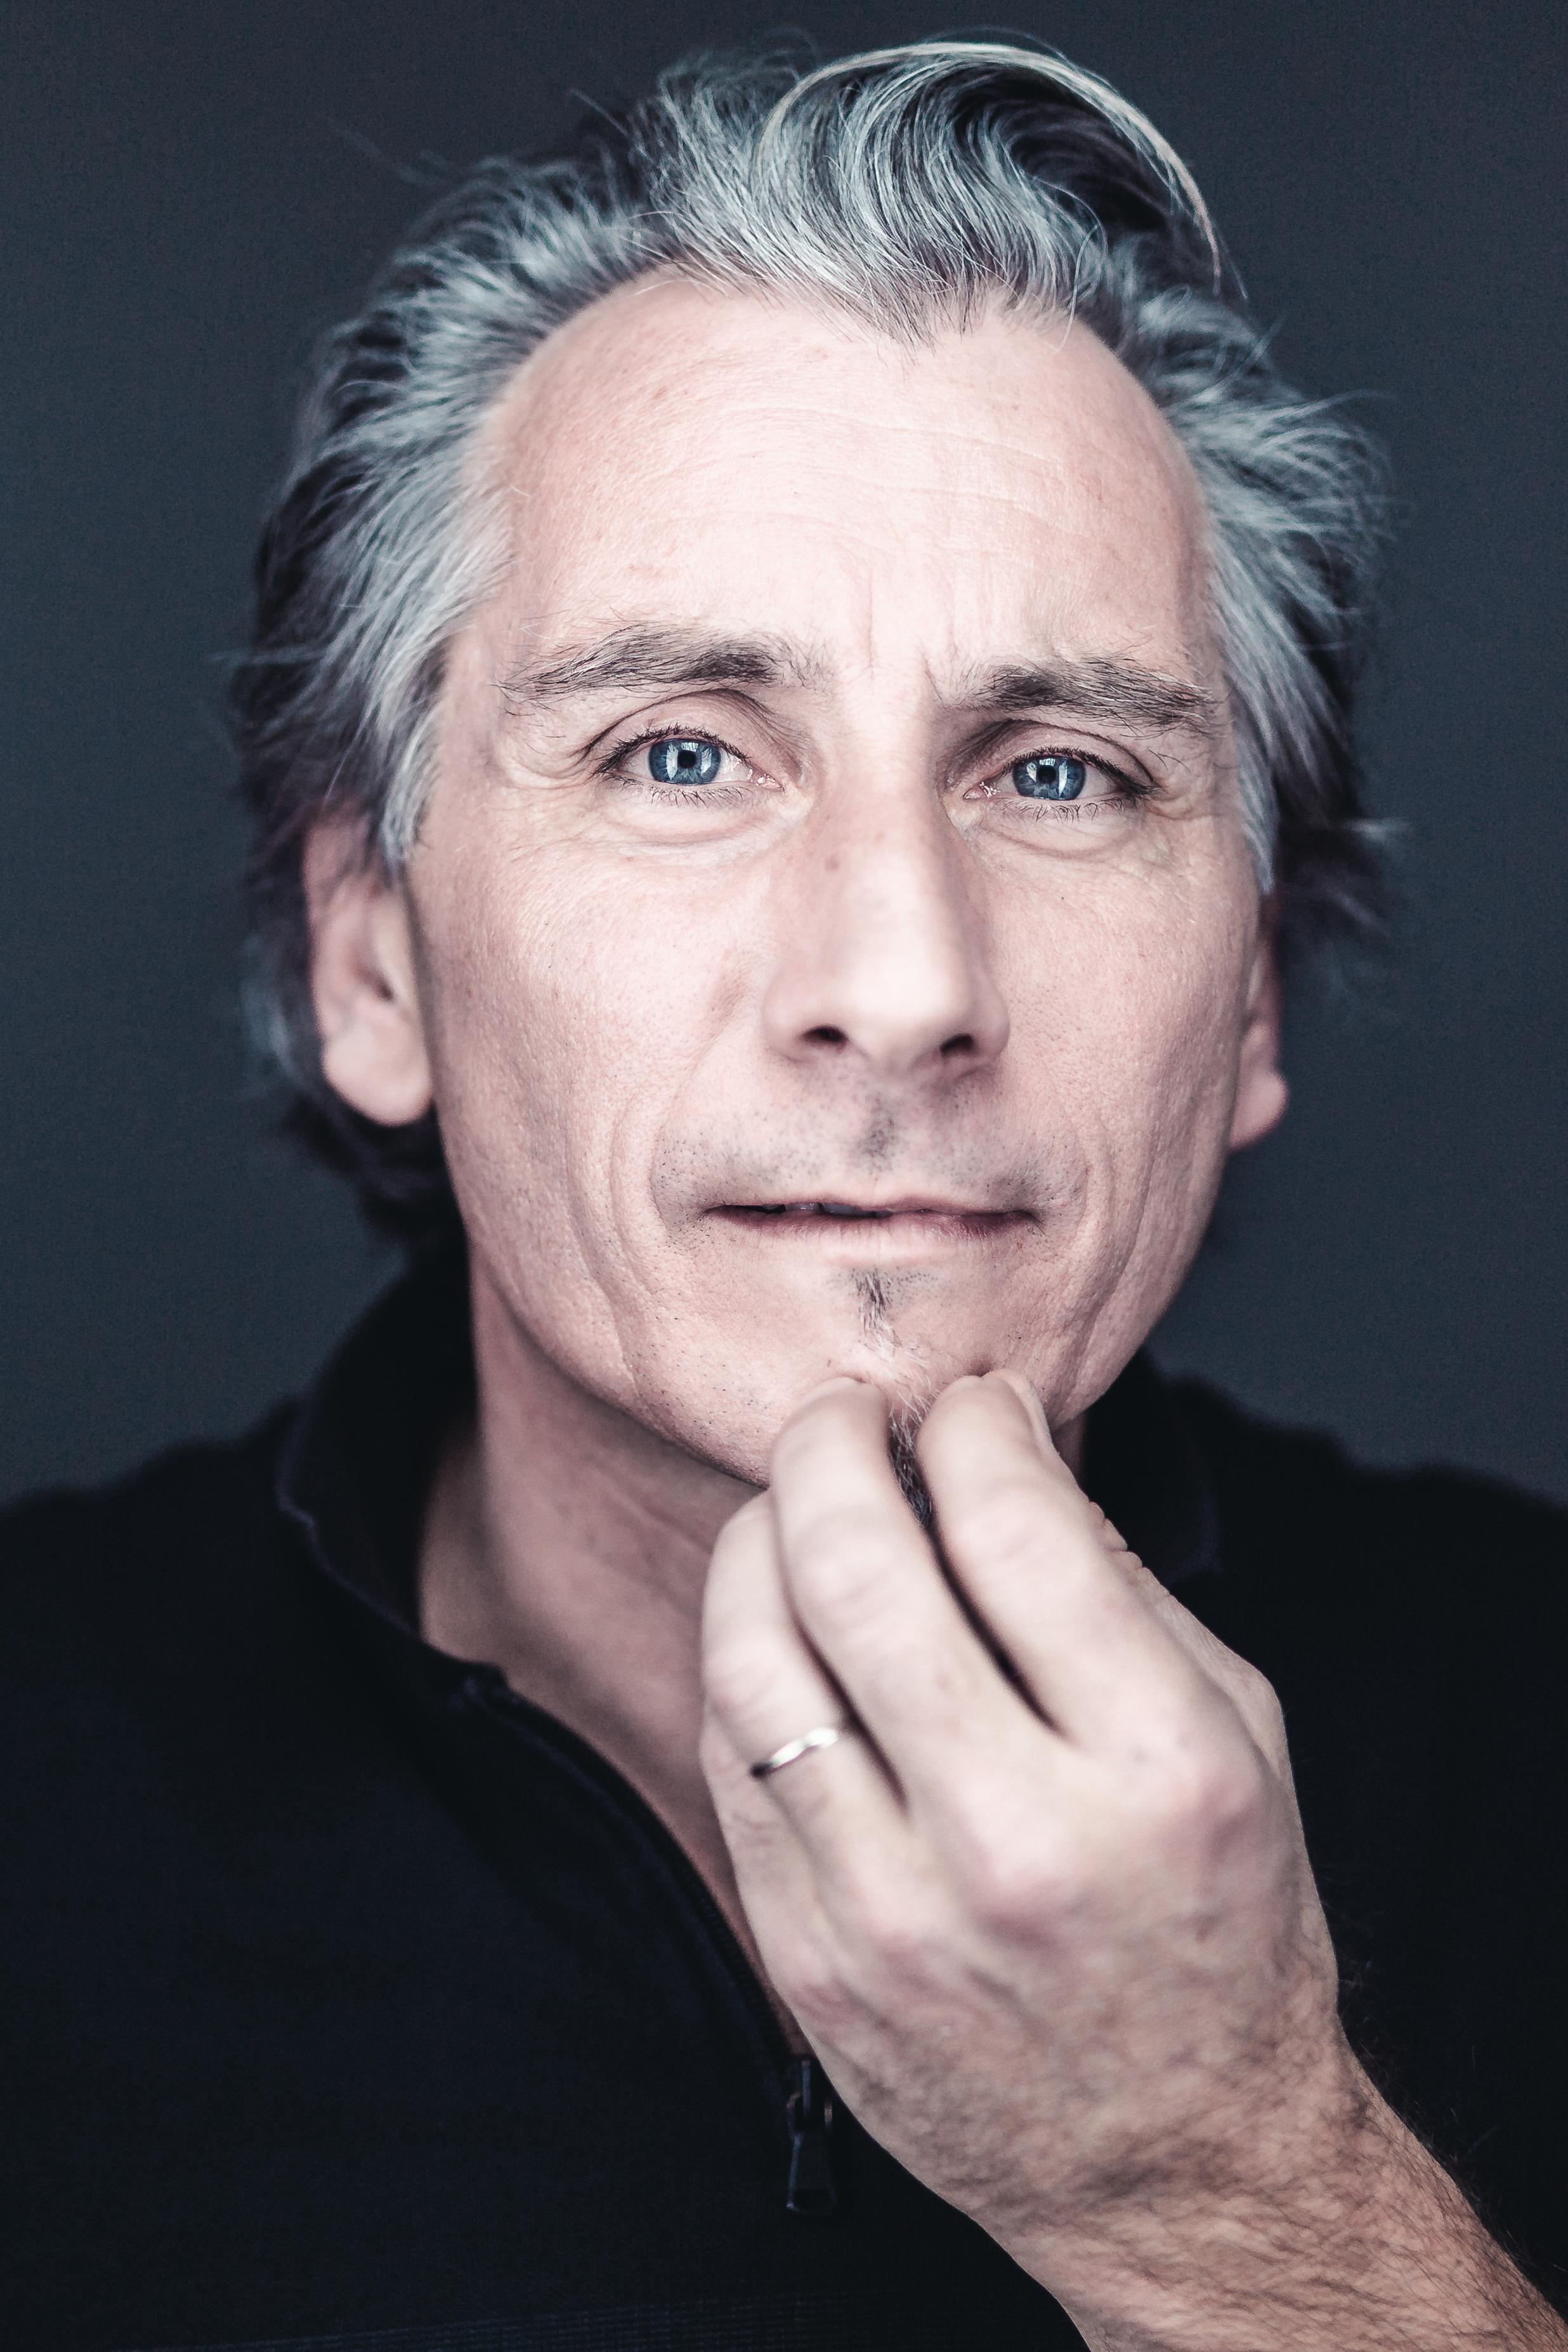 Franck BOISSELIER Photographe Portrait à Rennes